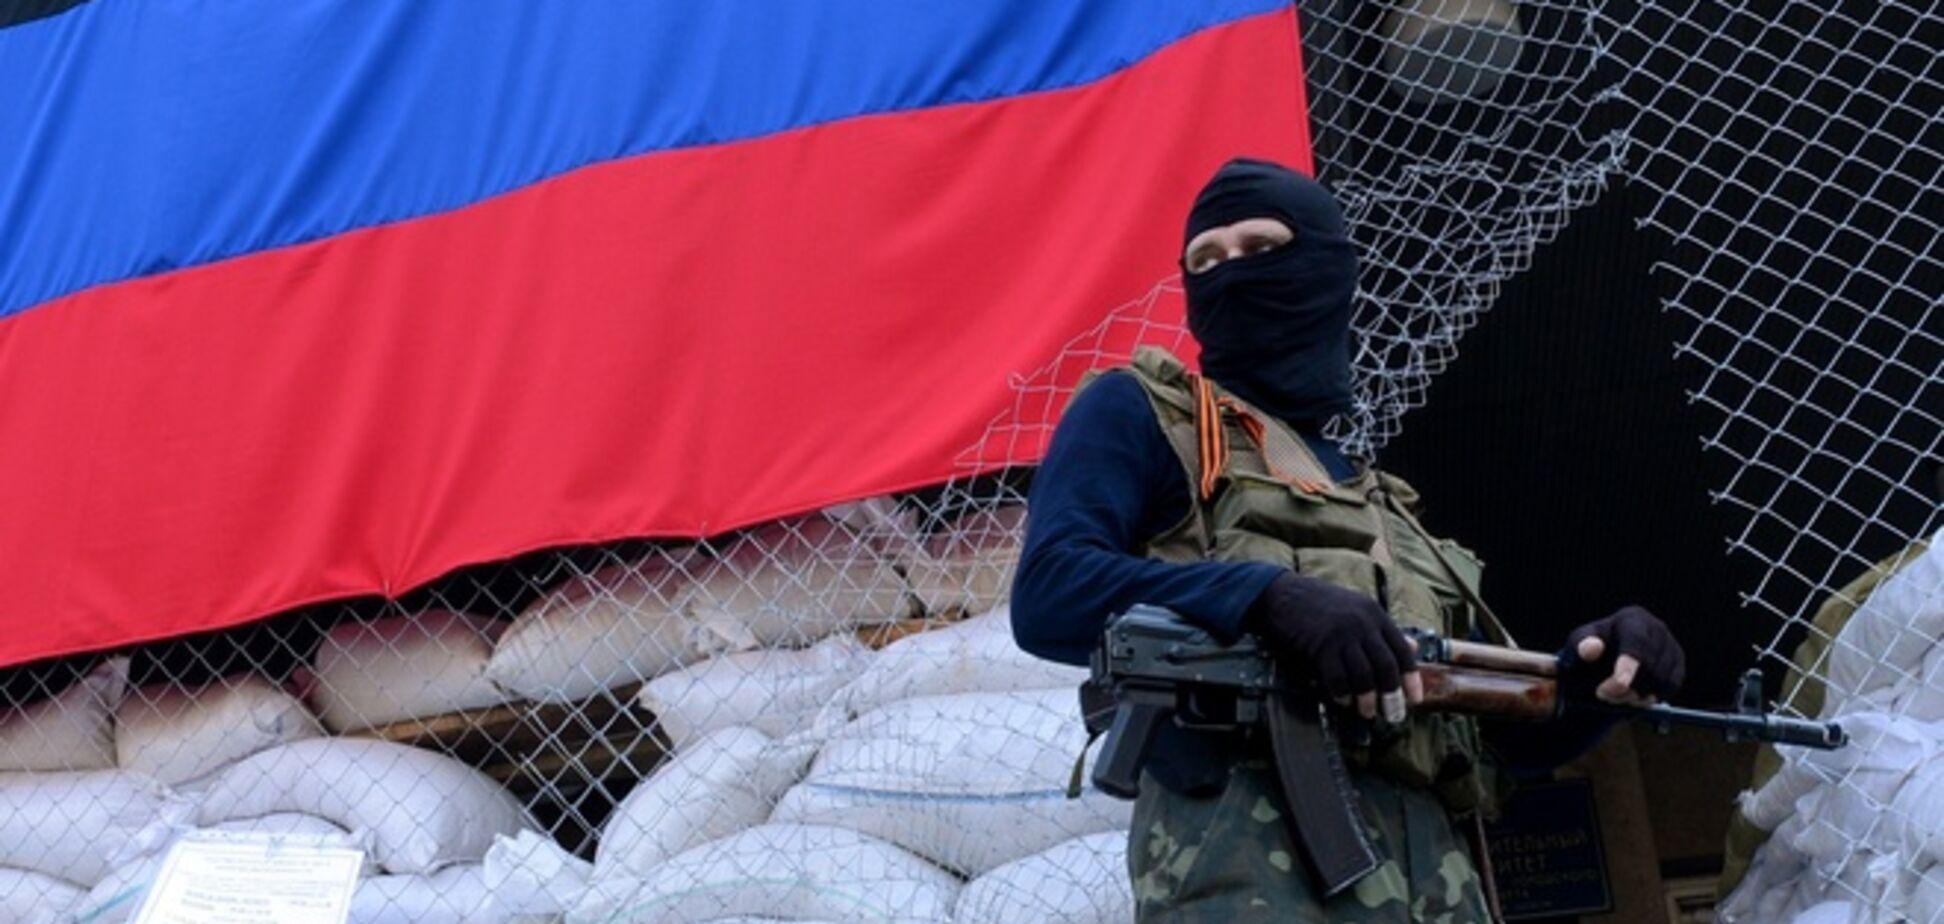 Журналист: в Славянске находятся около 1500 террористов, 600 из которых - российские спецназовцы